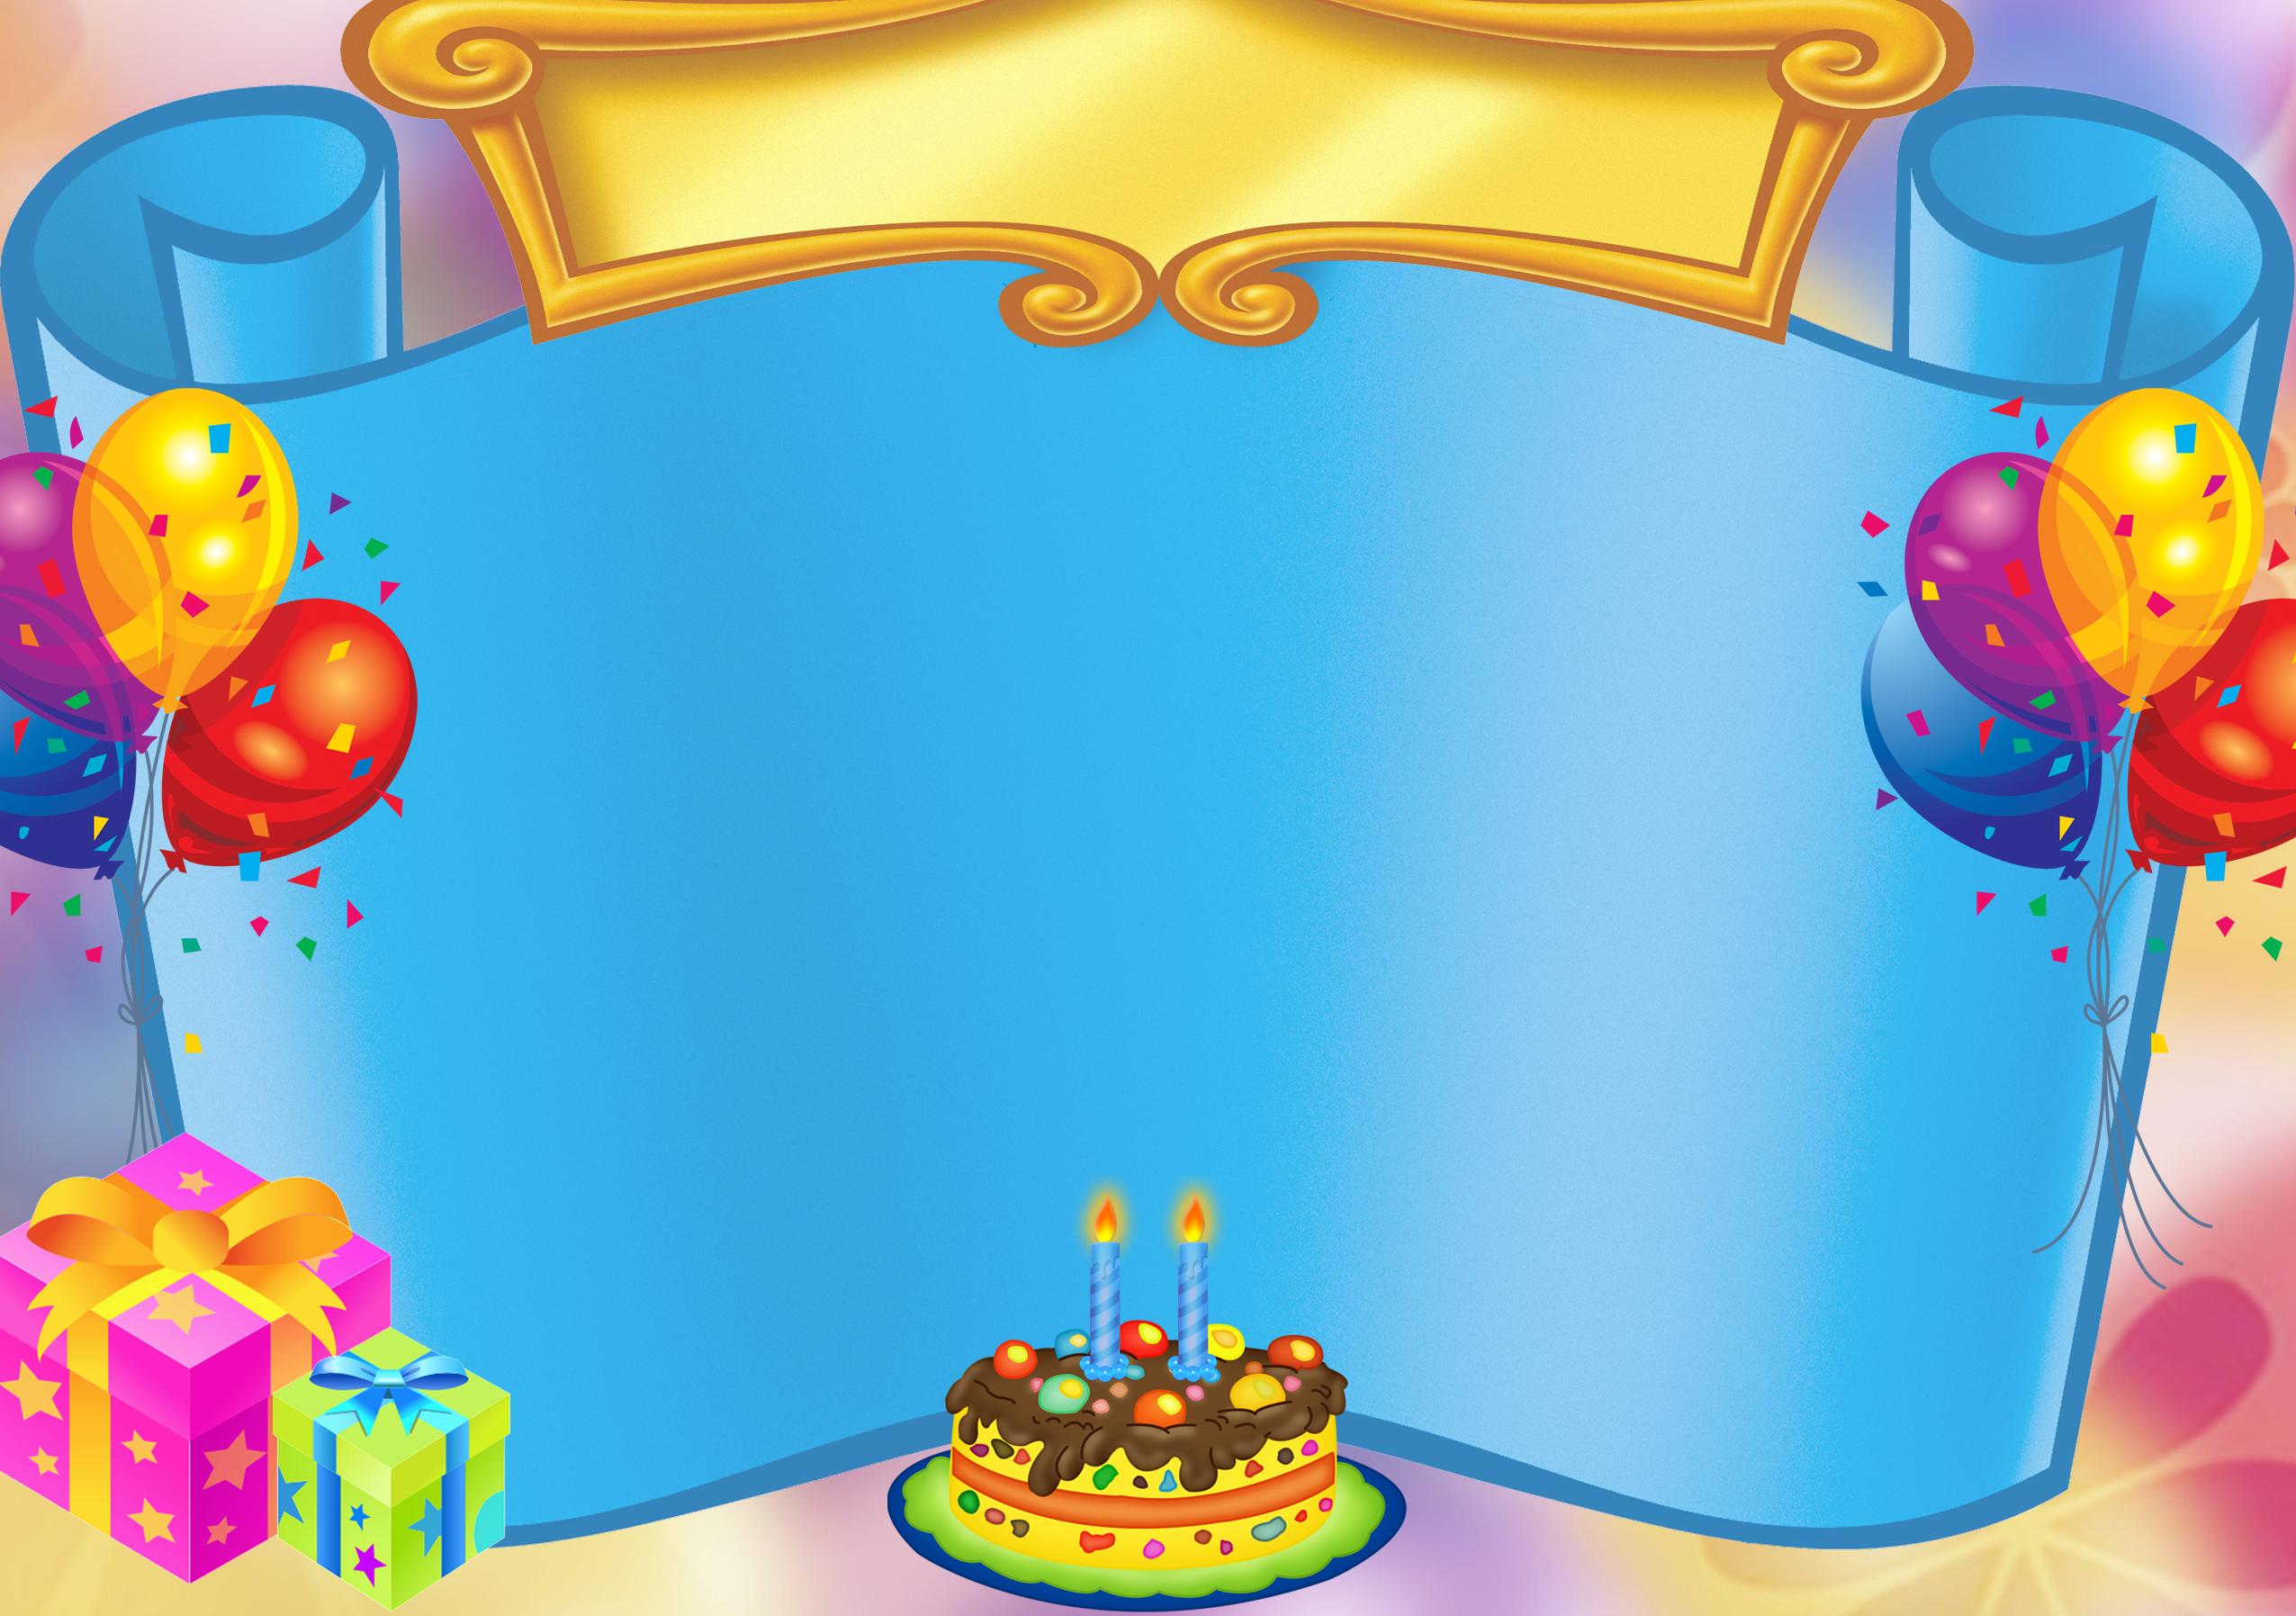 Картинки для фона с днем рождения для детей | С днем ...